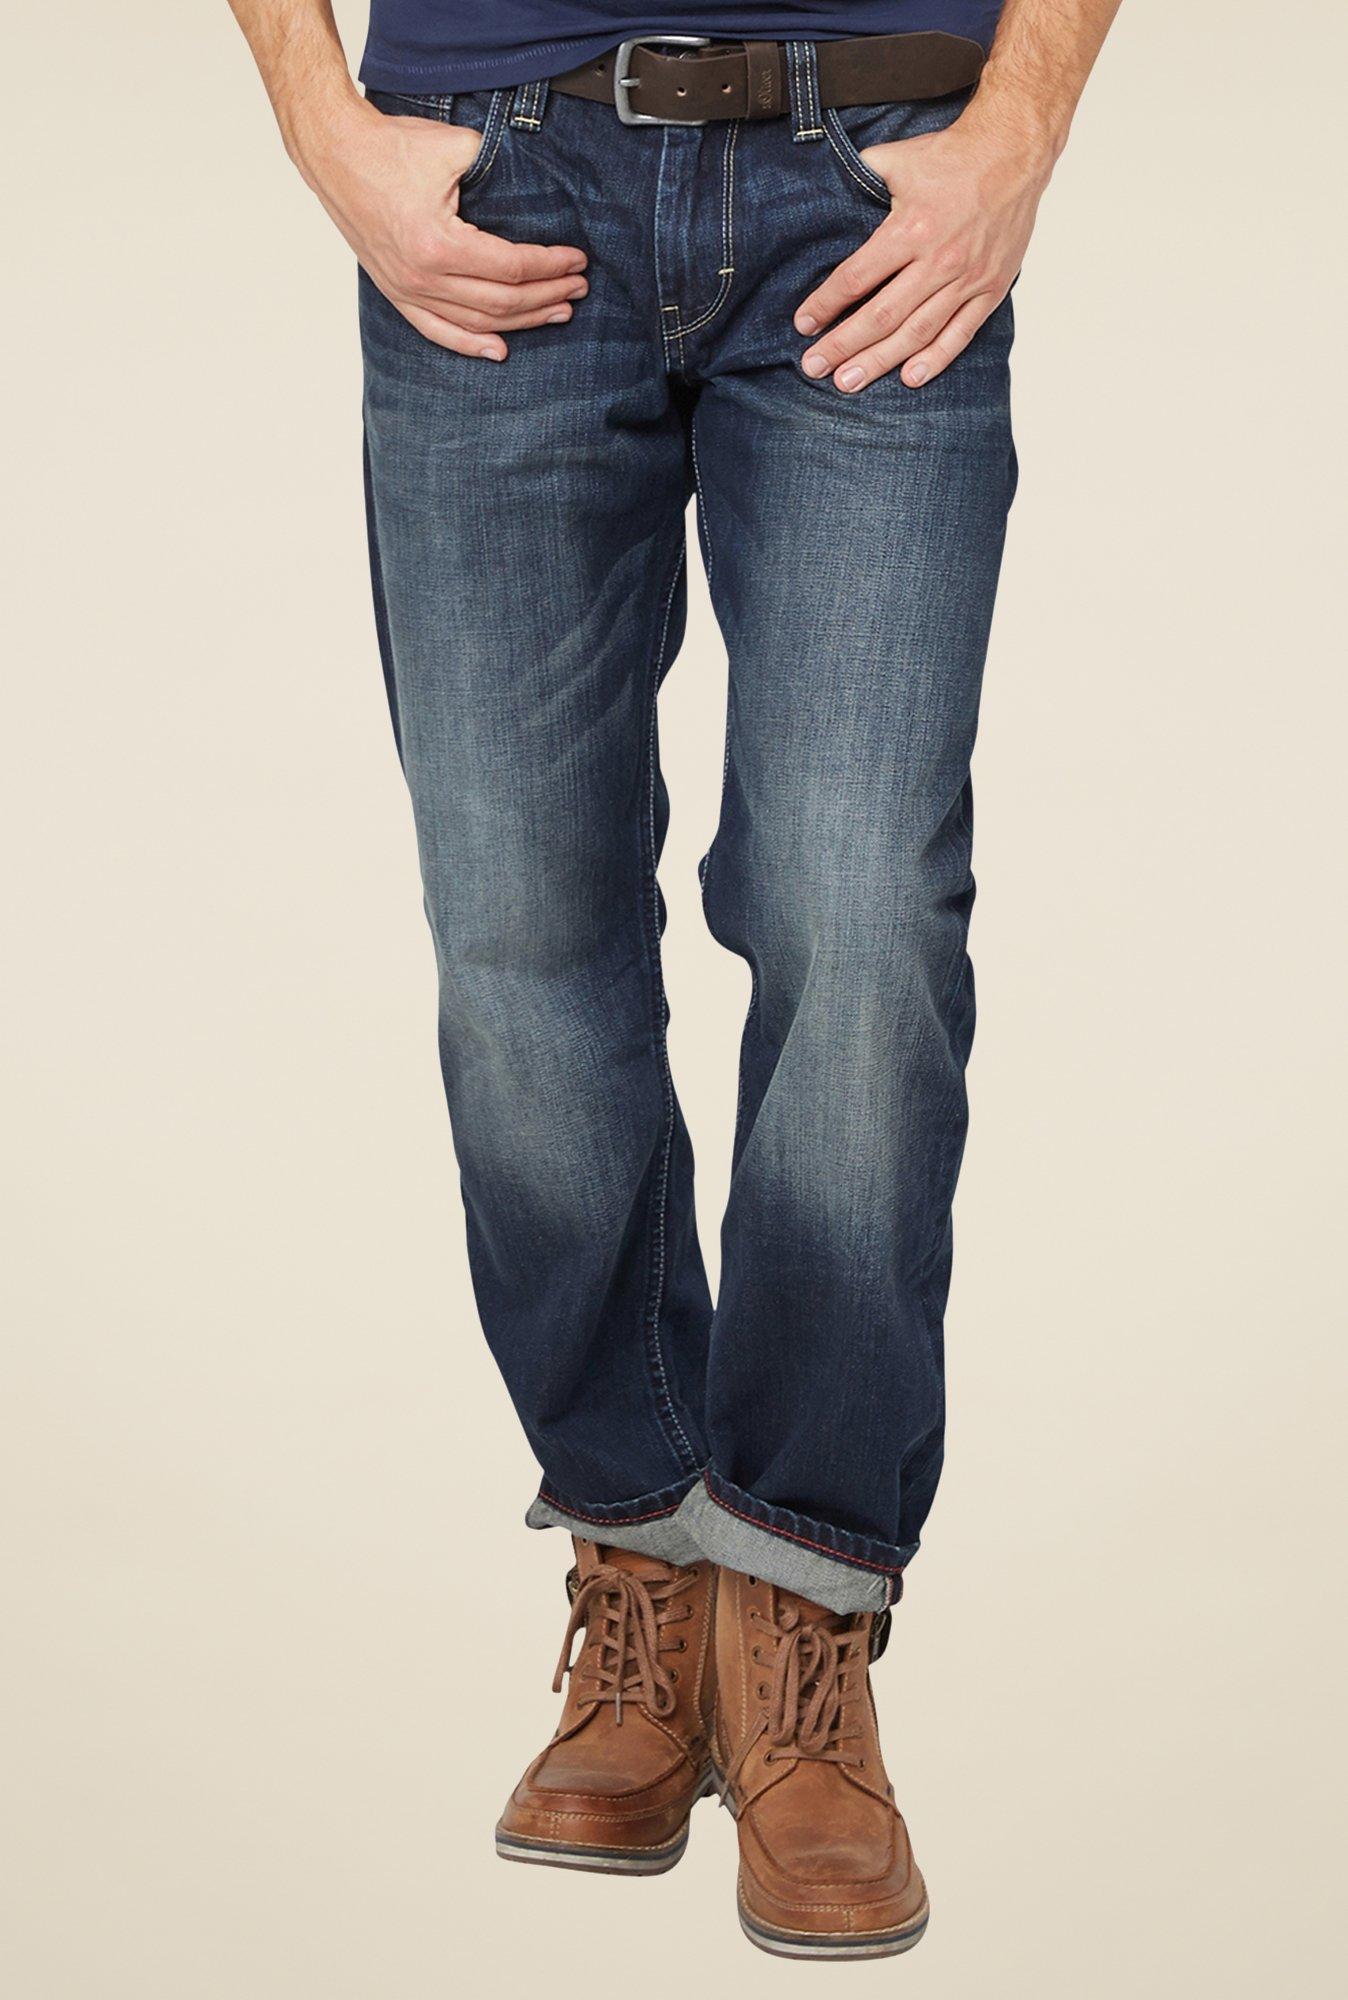 buy s oliver dark blue lightly washed jeans online at best. Black Bedroom Furniture Sets. Home Design Ideas